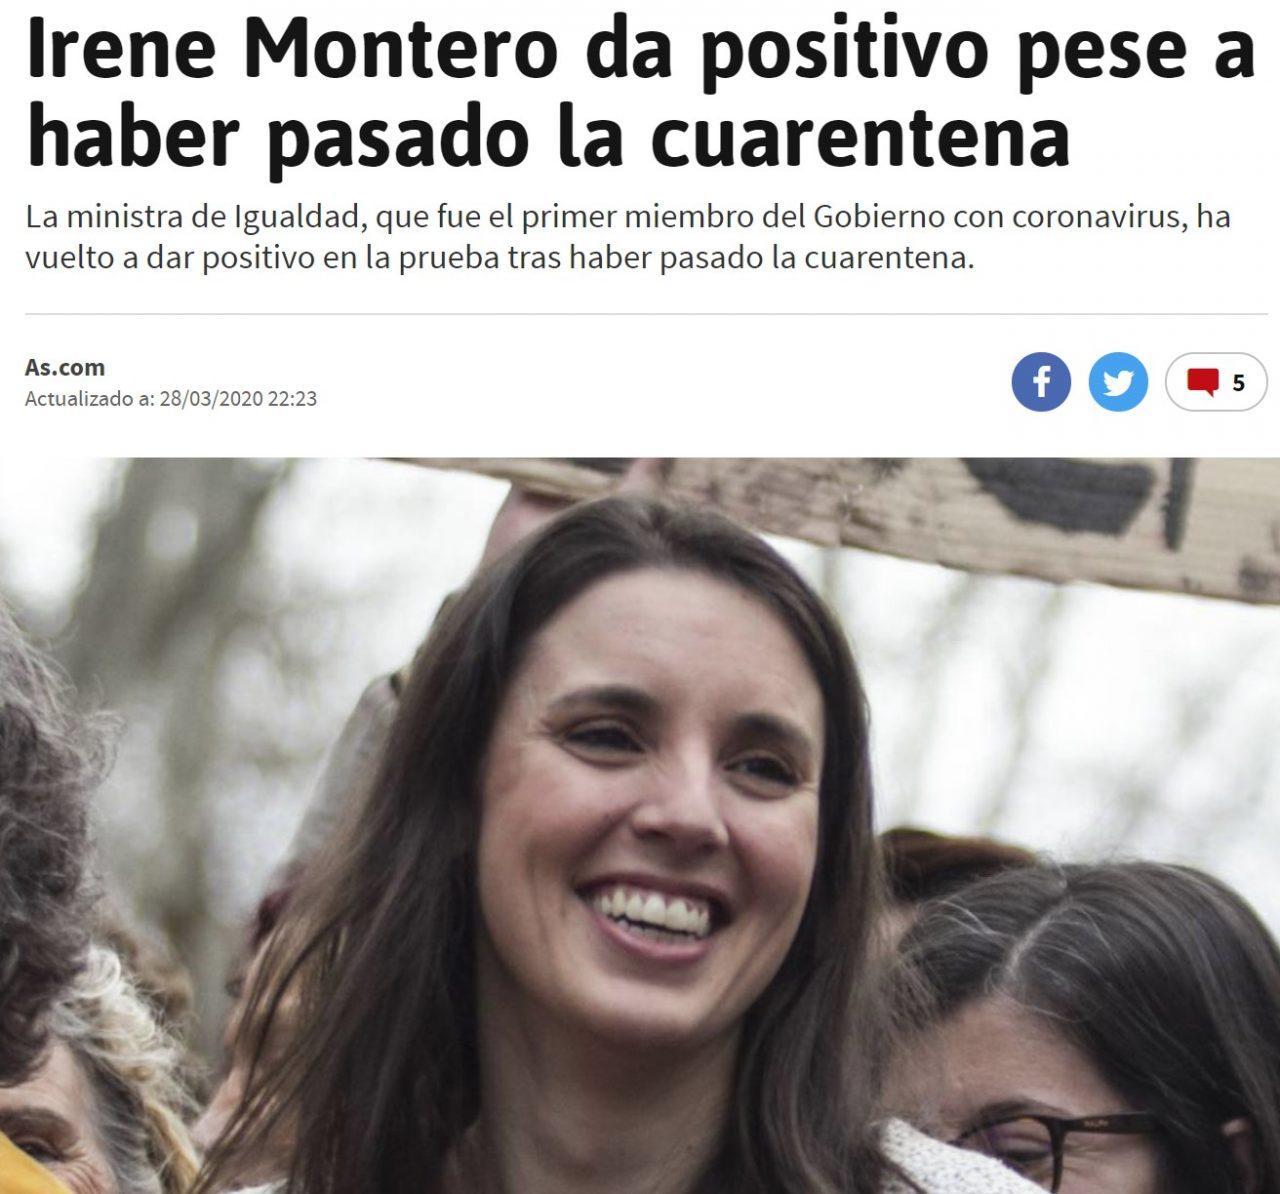 Irene Montero ha vuelto a dar positivo